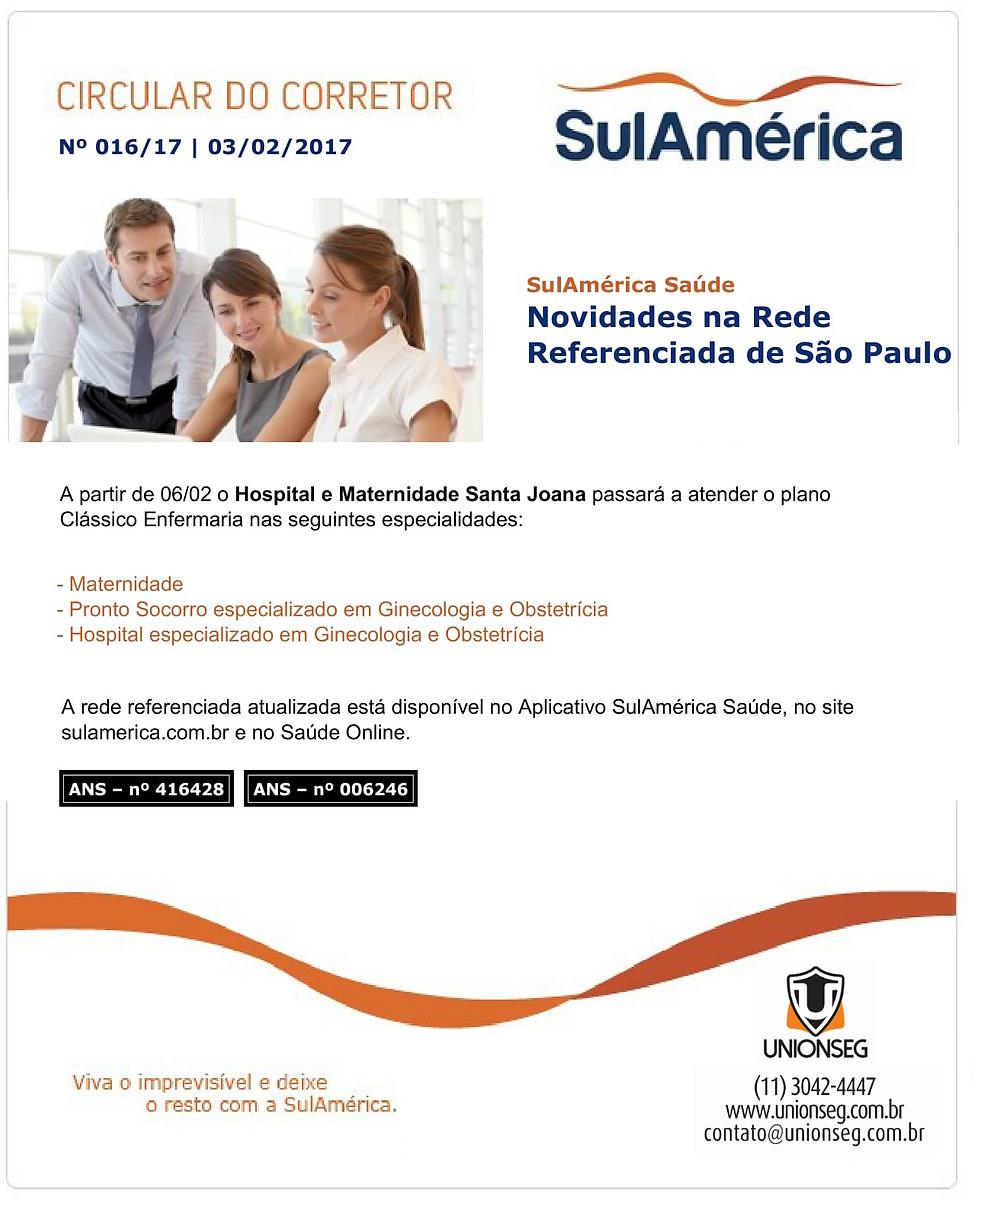 sulamérica, sulamérica saúde, plano de saúde, convênio médico, saúde empresarial, unionseg